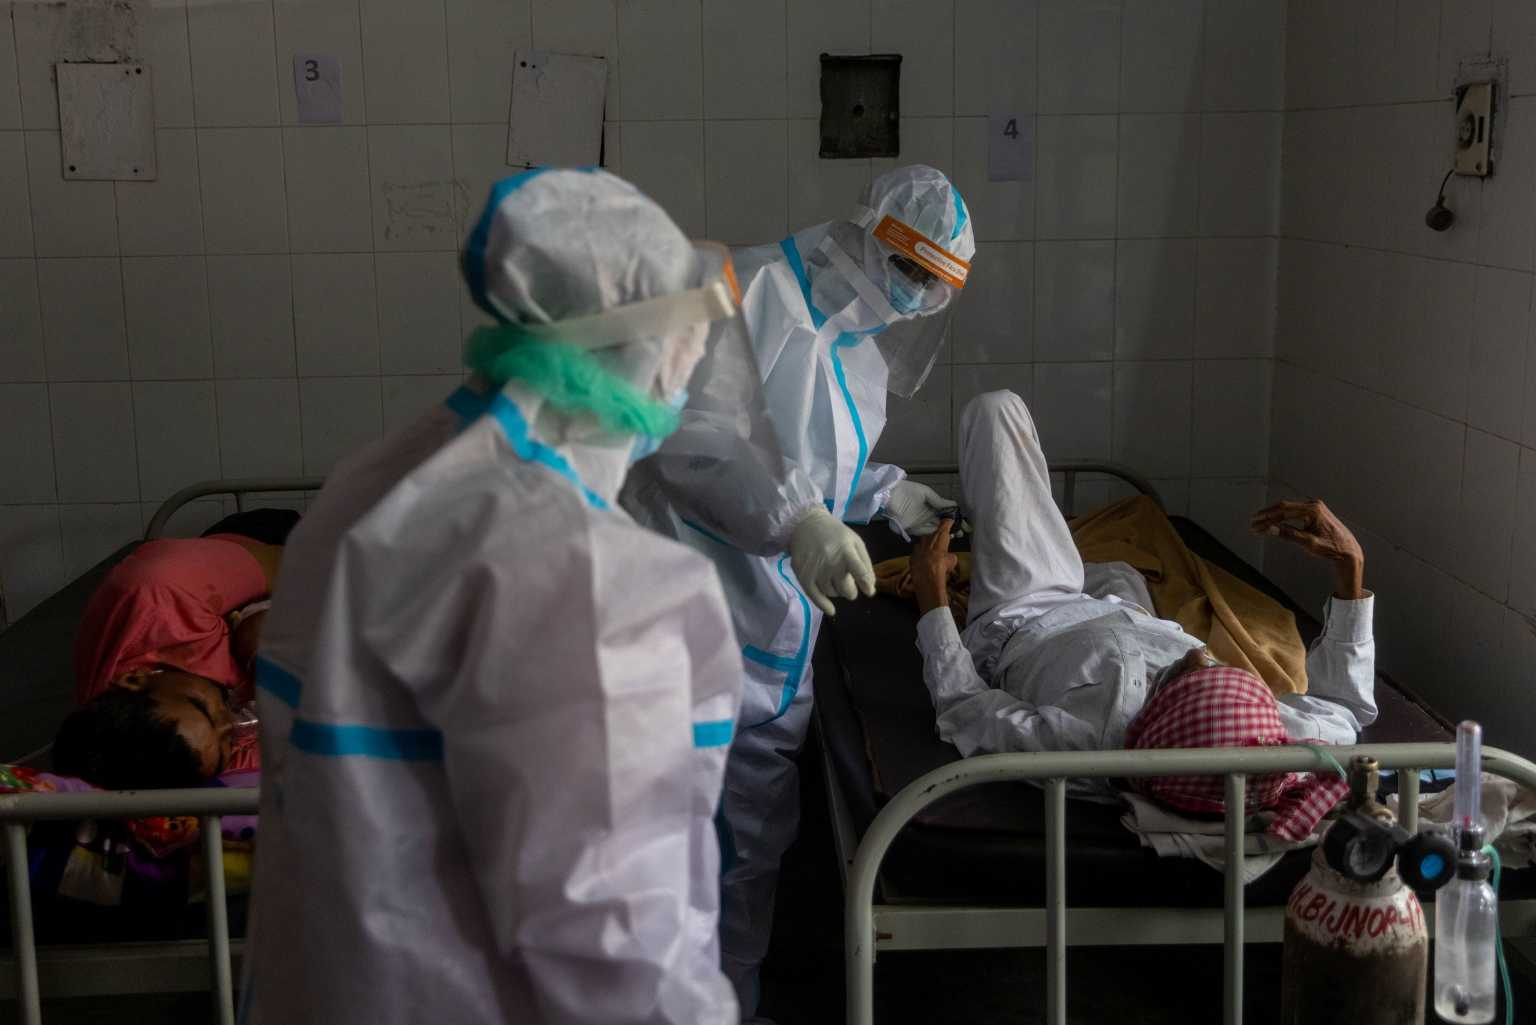 ΠΟΥ: Μέχρι 180.000 επαγγελματίες υγείας πέθαναν από κορονοϊό ως τον Μάιο του 2021